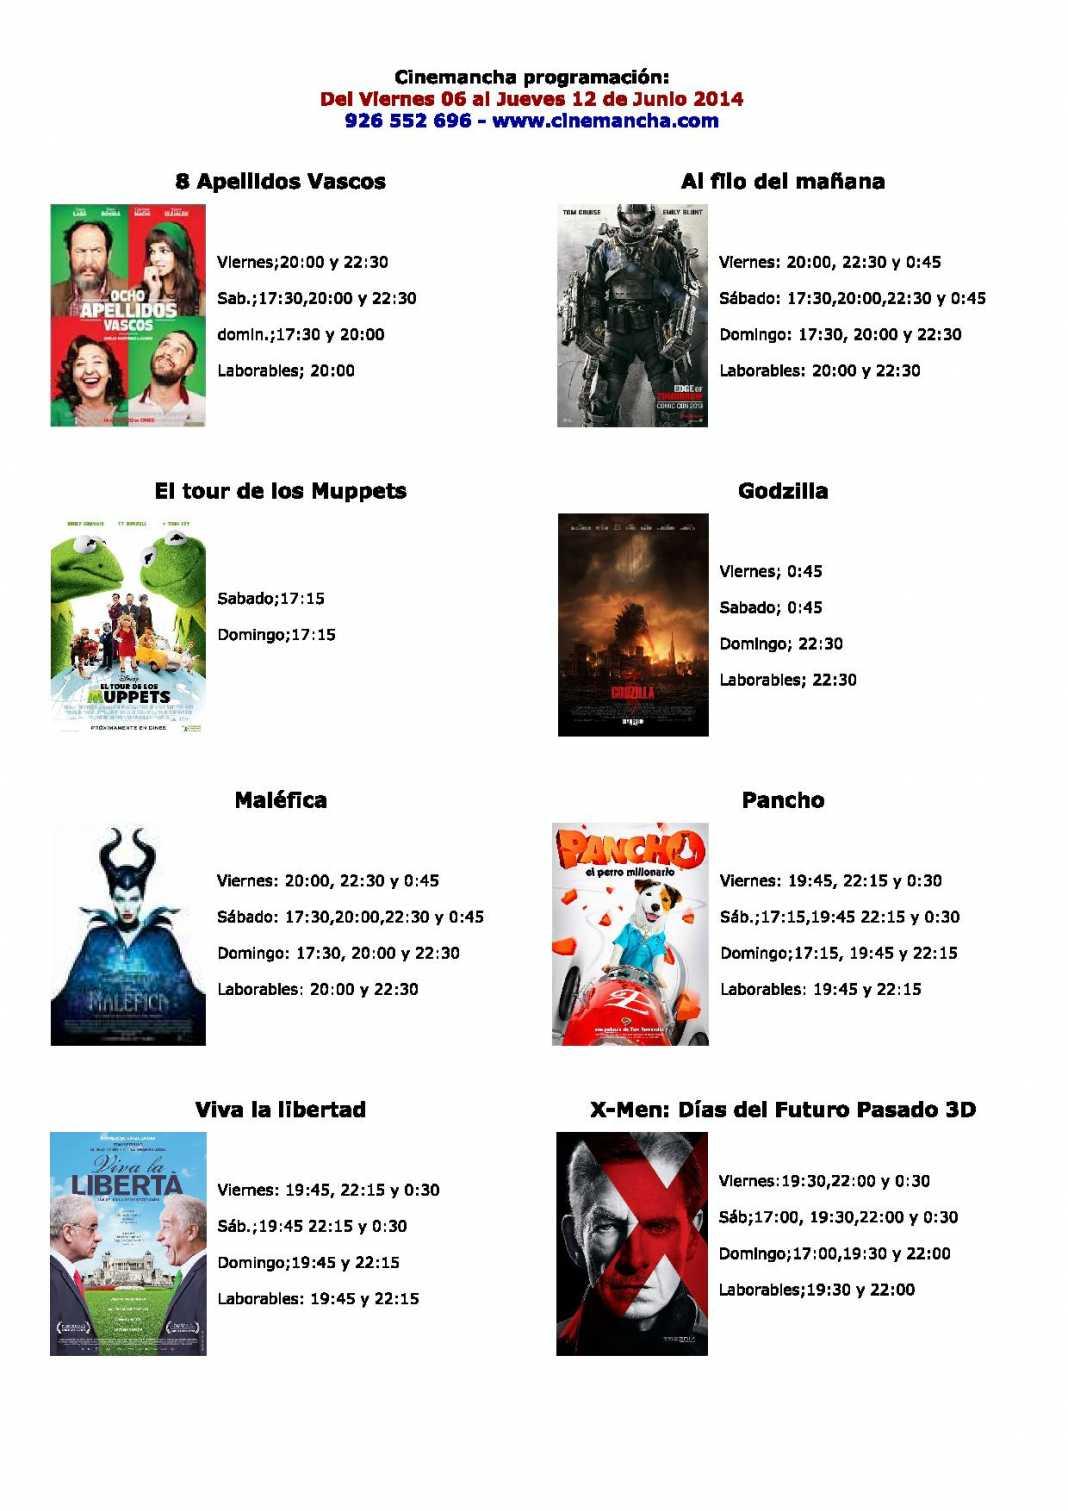 Cinemancha programación: Del Viernes 06 al Jueves 12 de Junio 2014 1